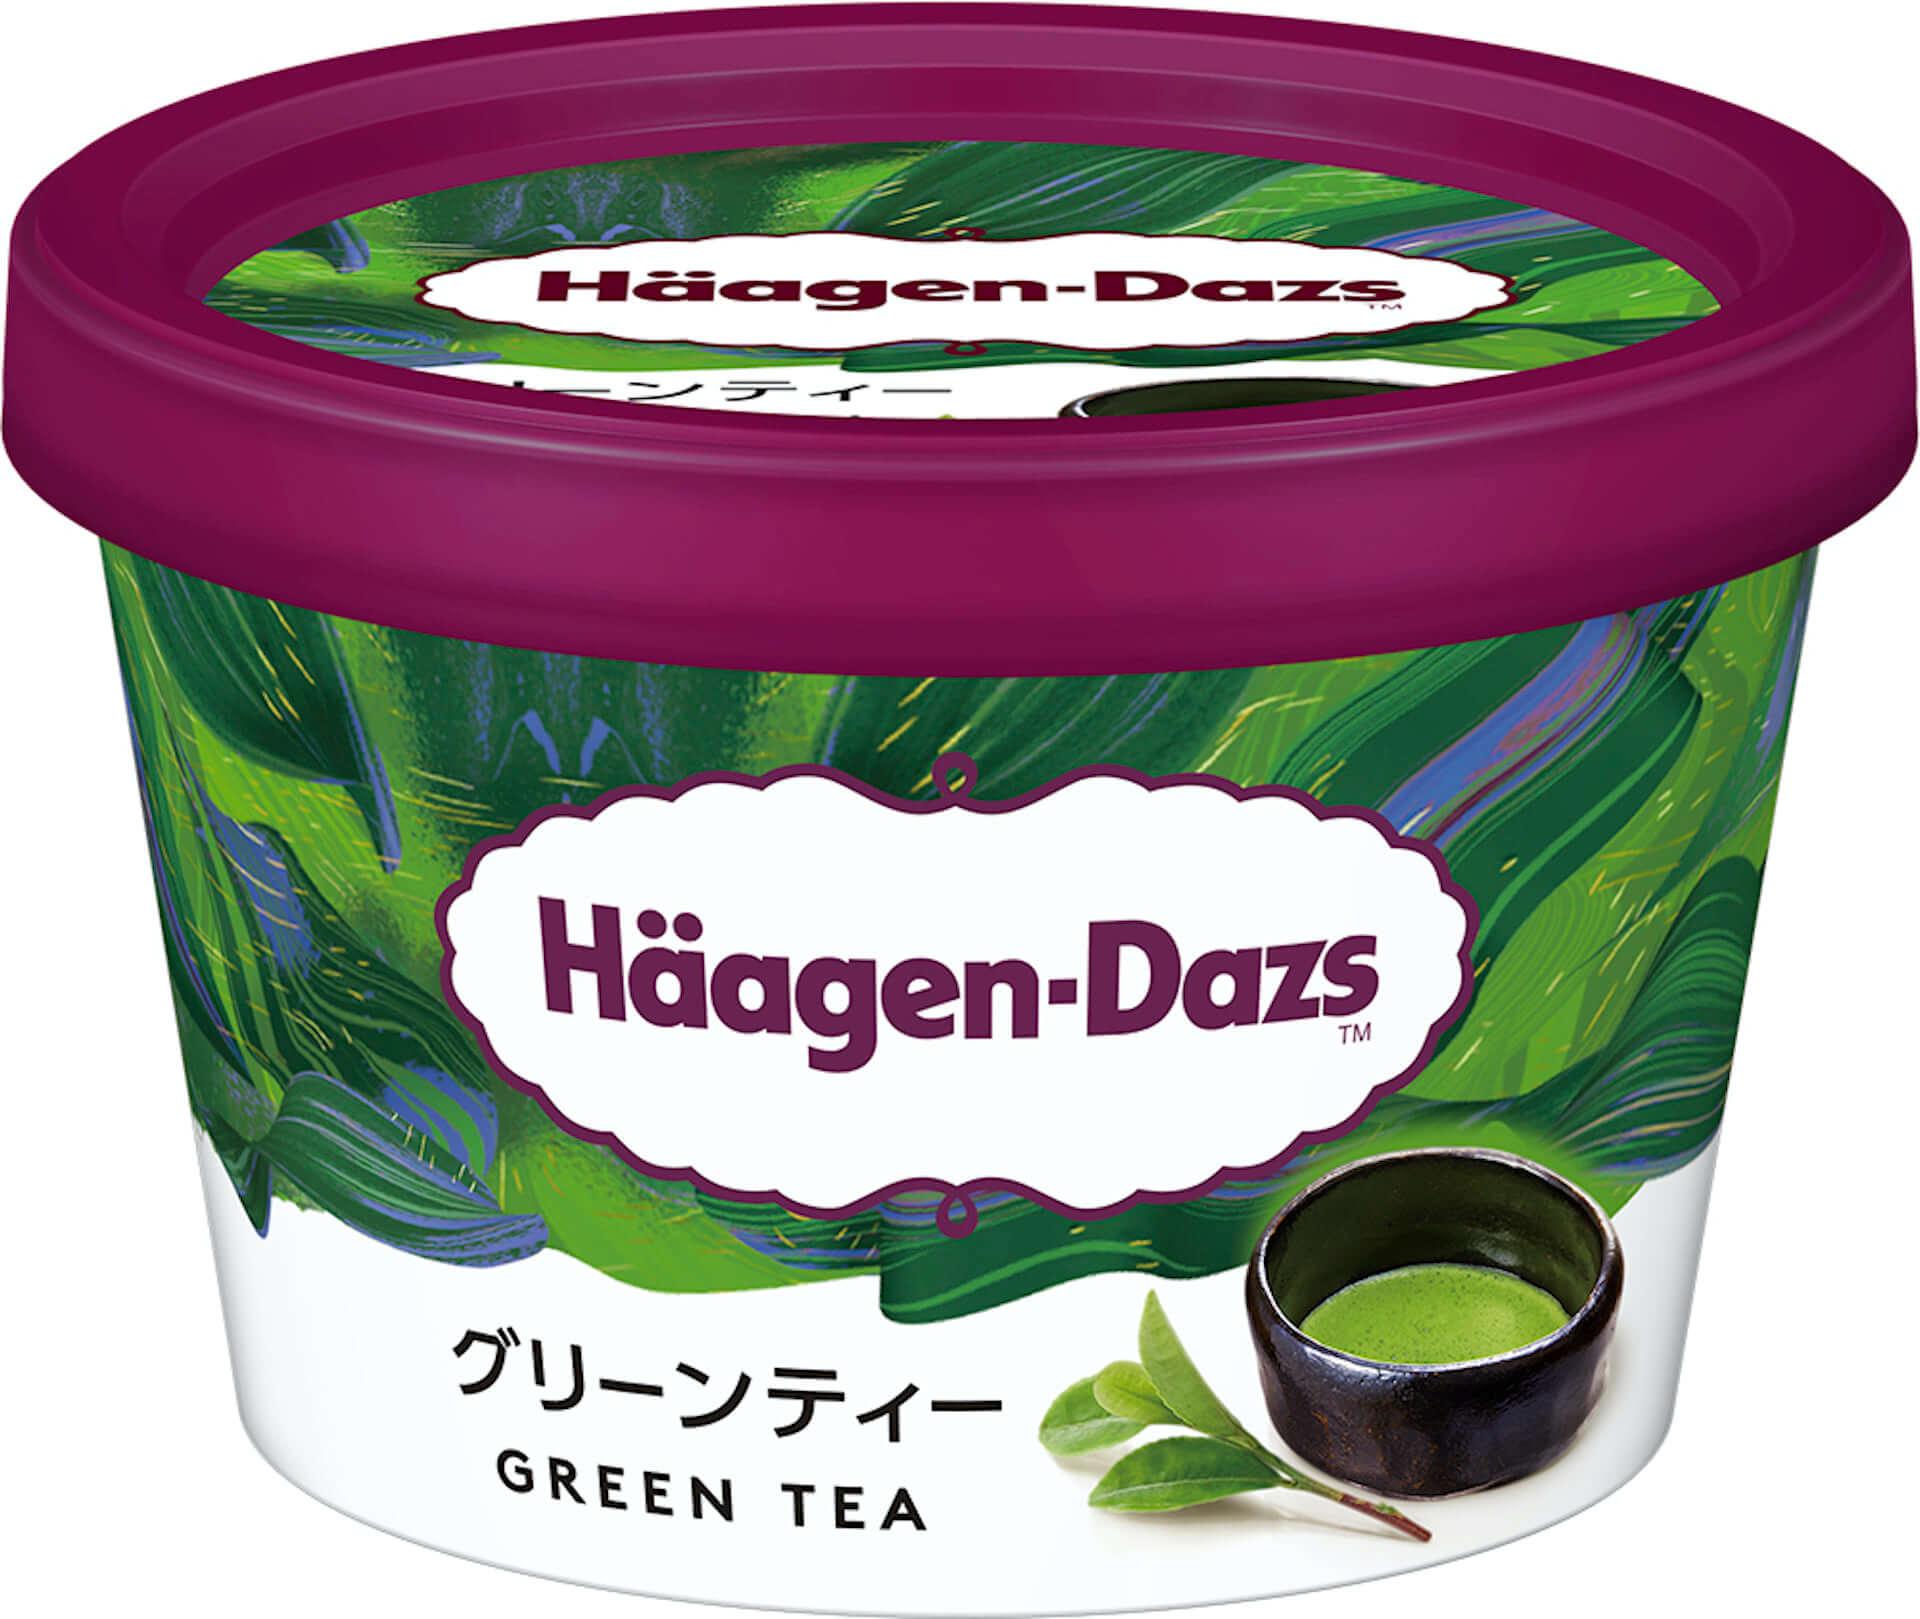 ハーゲンダッツから抹茶づくしのバー『抹茶クロッカン』が期間限定で新発売!ミニカップ『グリーンティー』を使用したアレンジレシピも gourmet210308_haagen-dazs_10-1920x1619